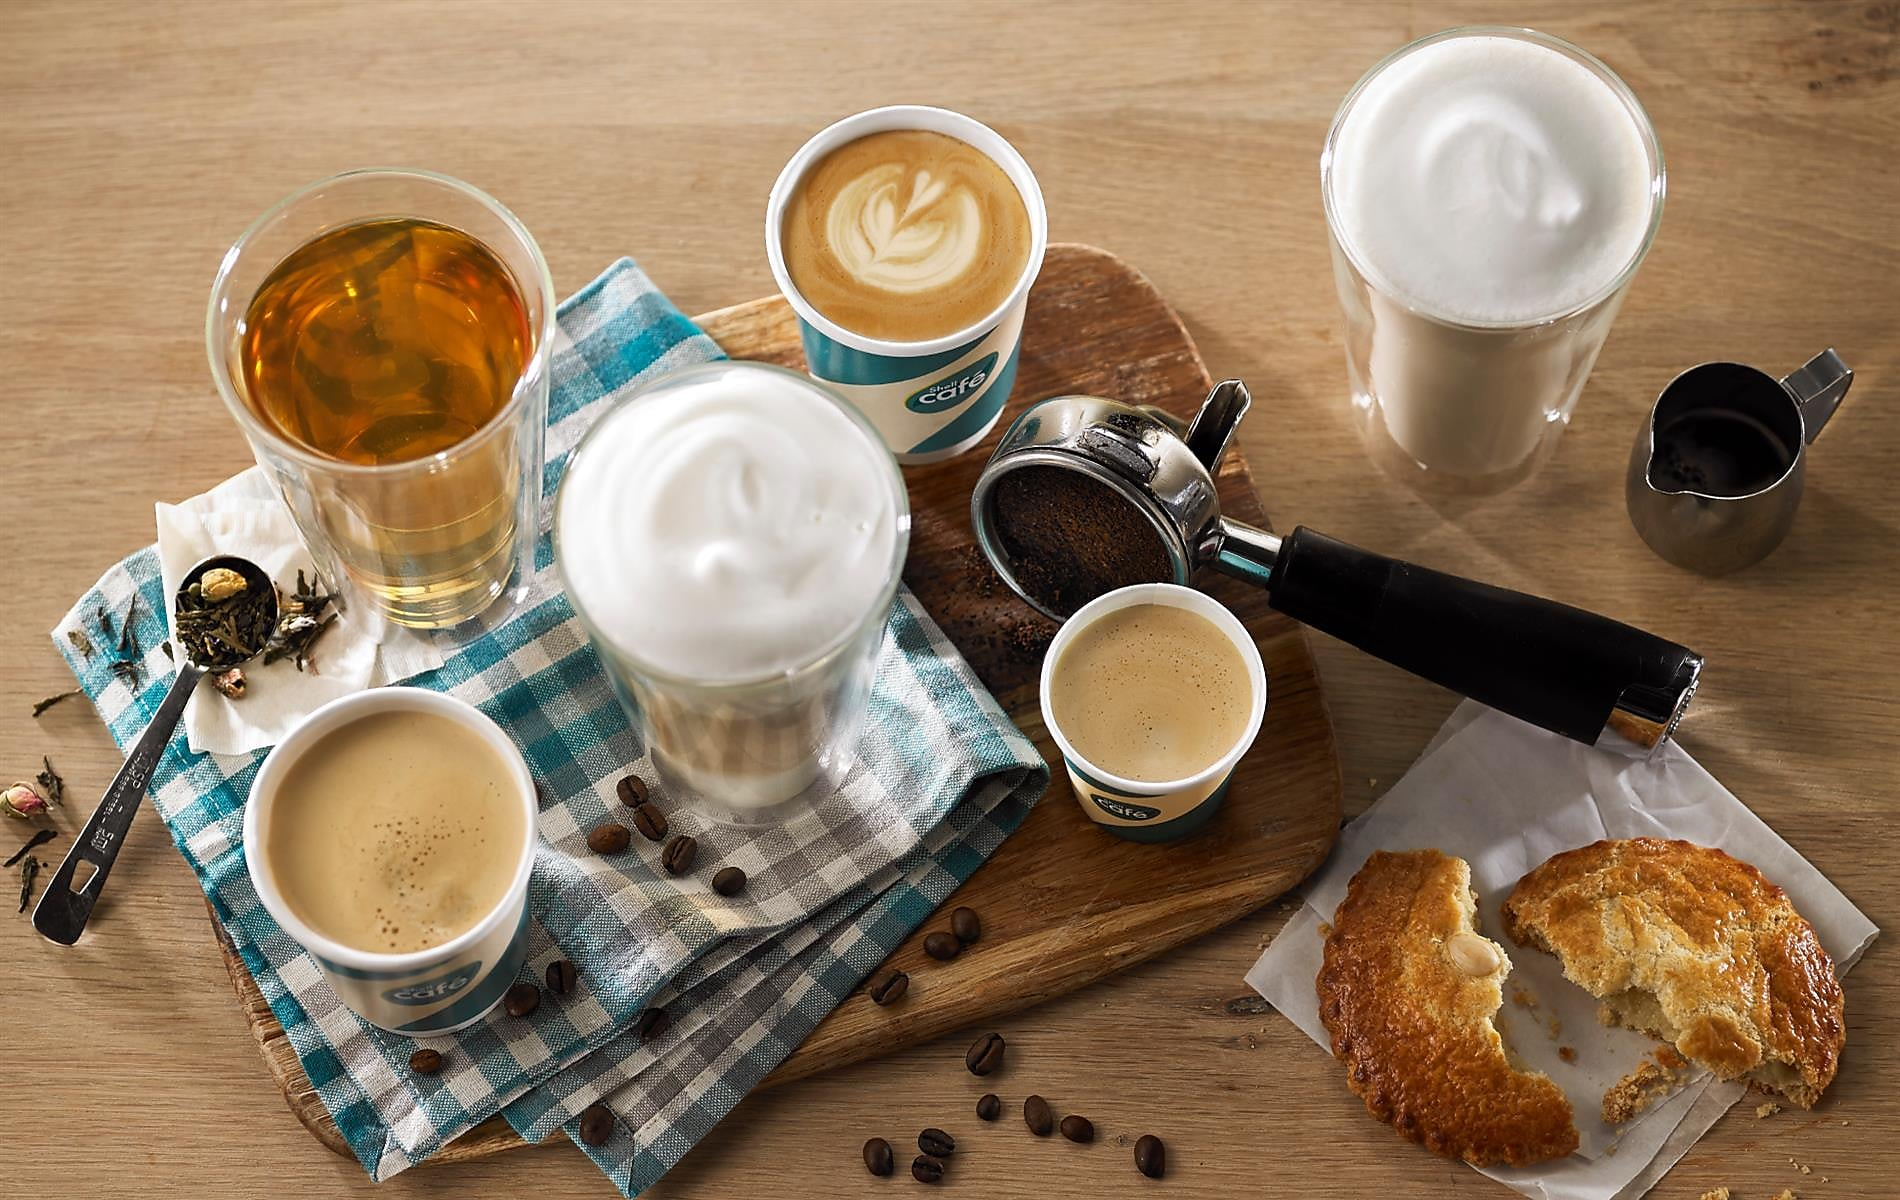 Voor Shell Energy klanten: koffie voor 1 euro